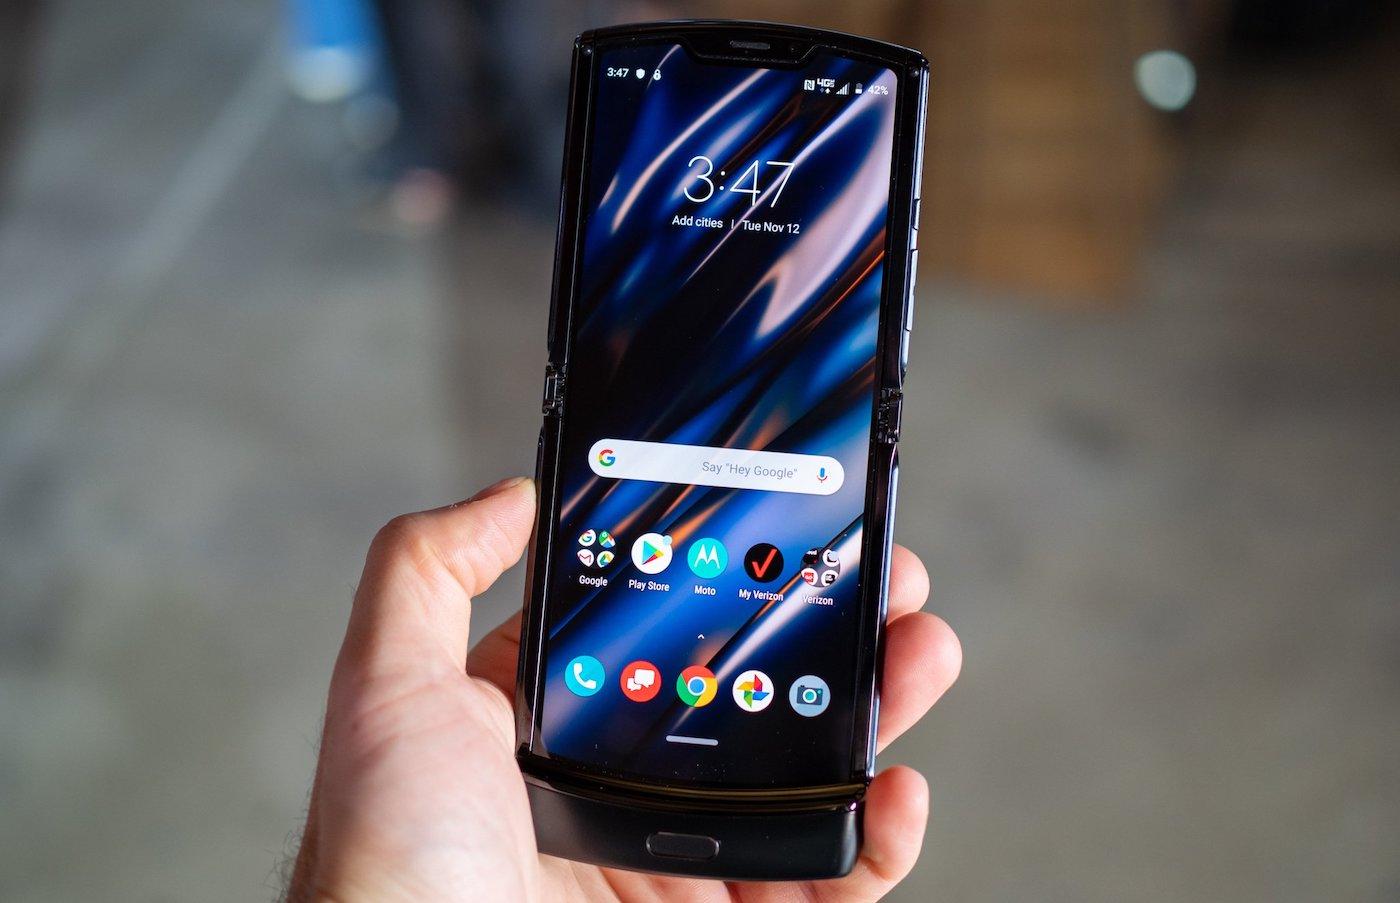 Motorola RAZR Ecran - Motorola annonce un (très cher) smartphone pliable… à clapet